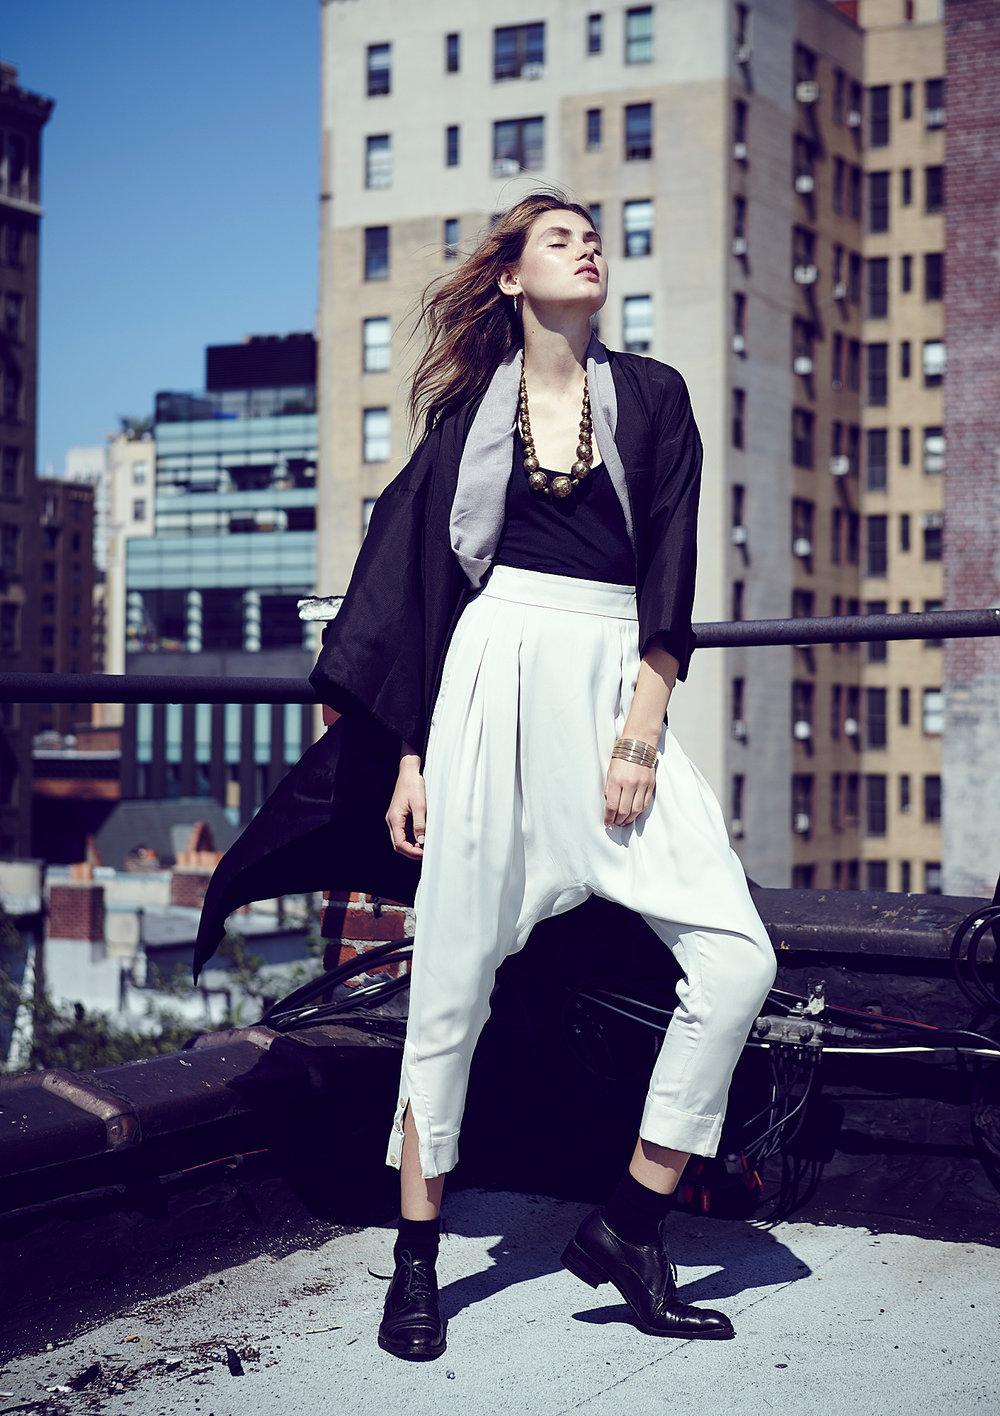 20150716_Urban_Fashion19618.jpg